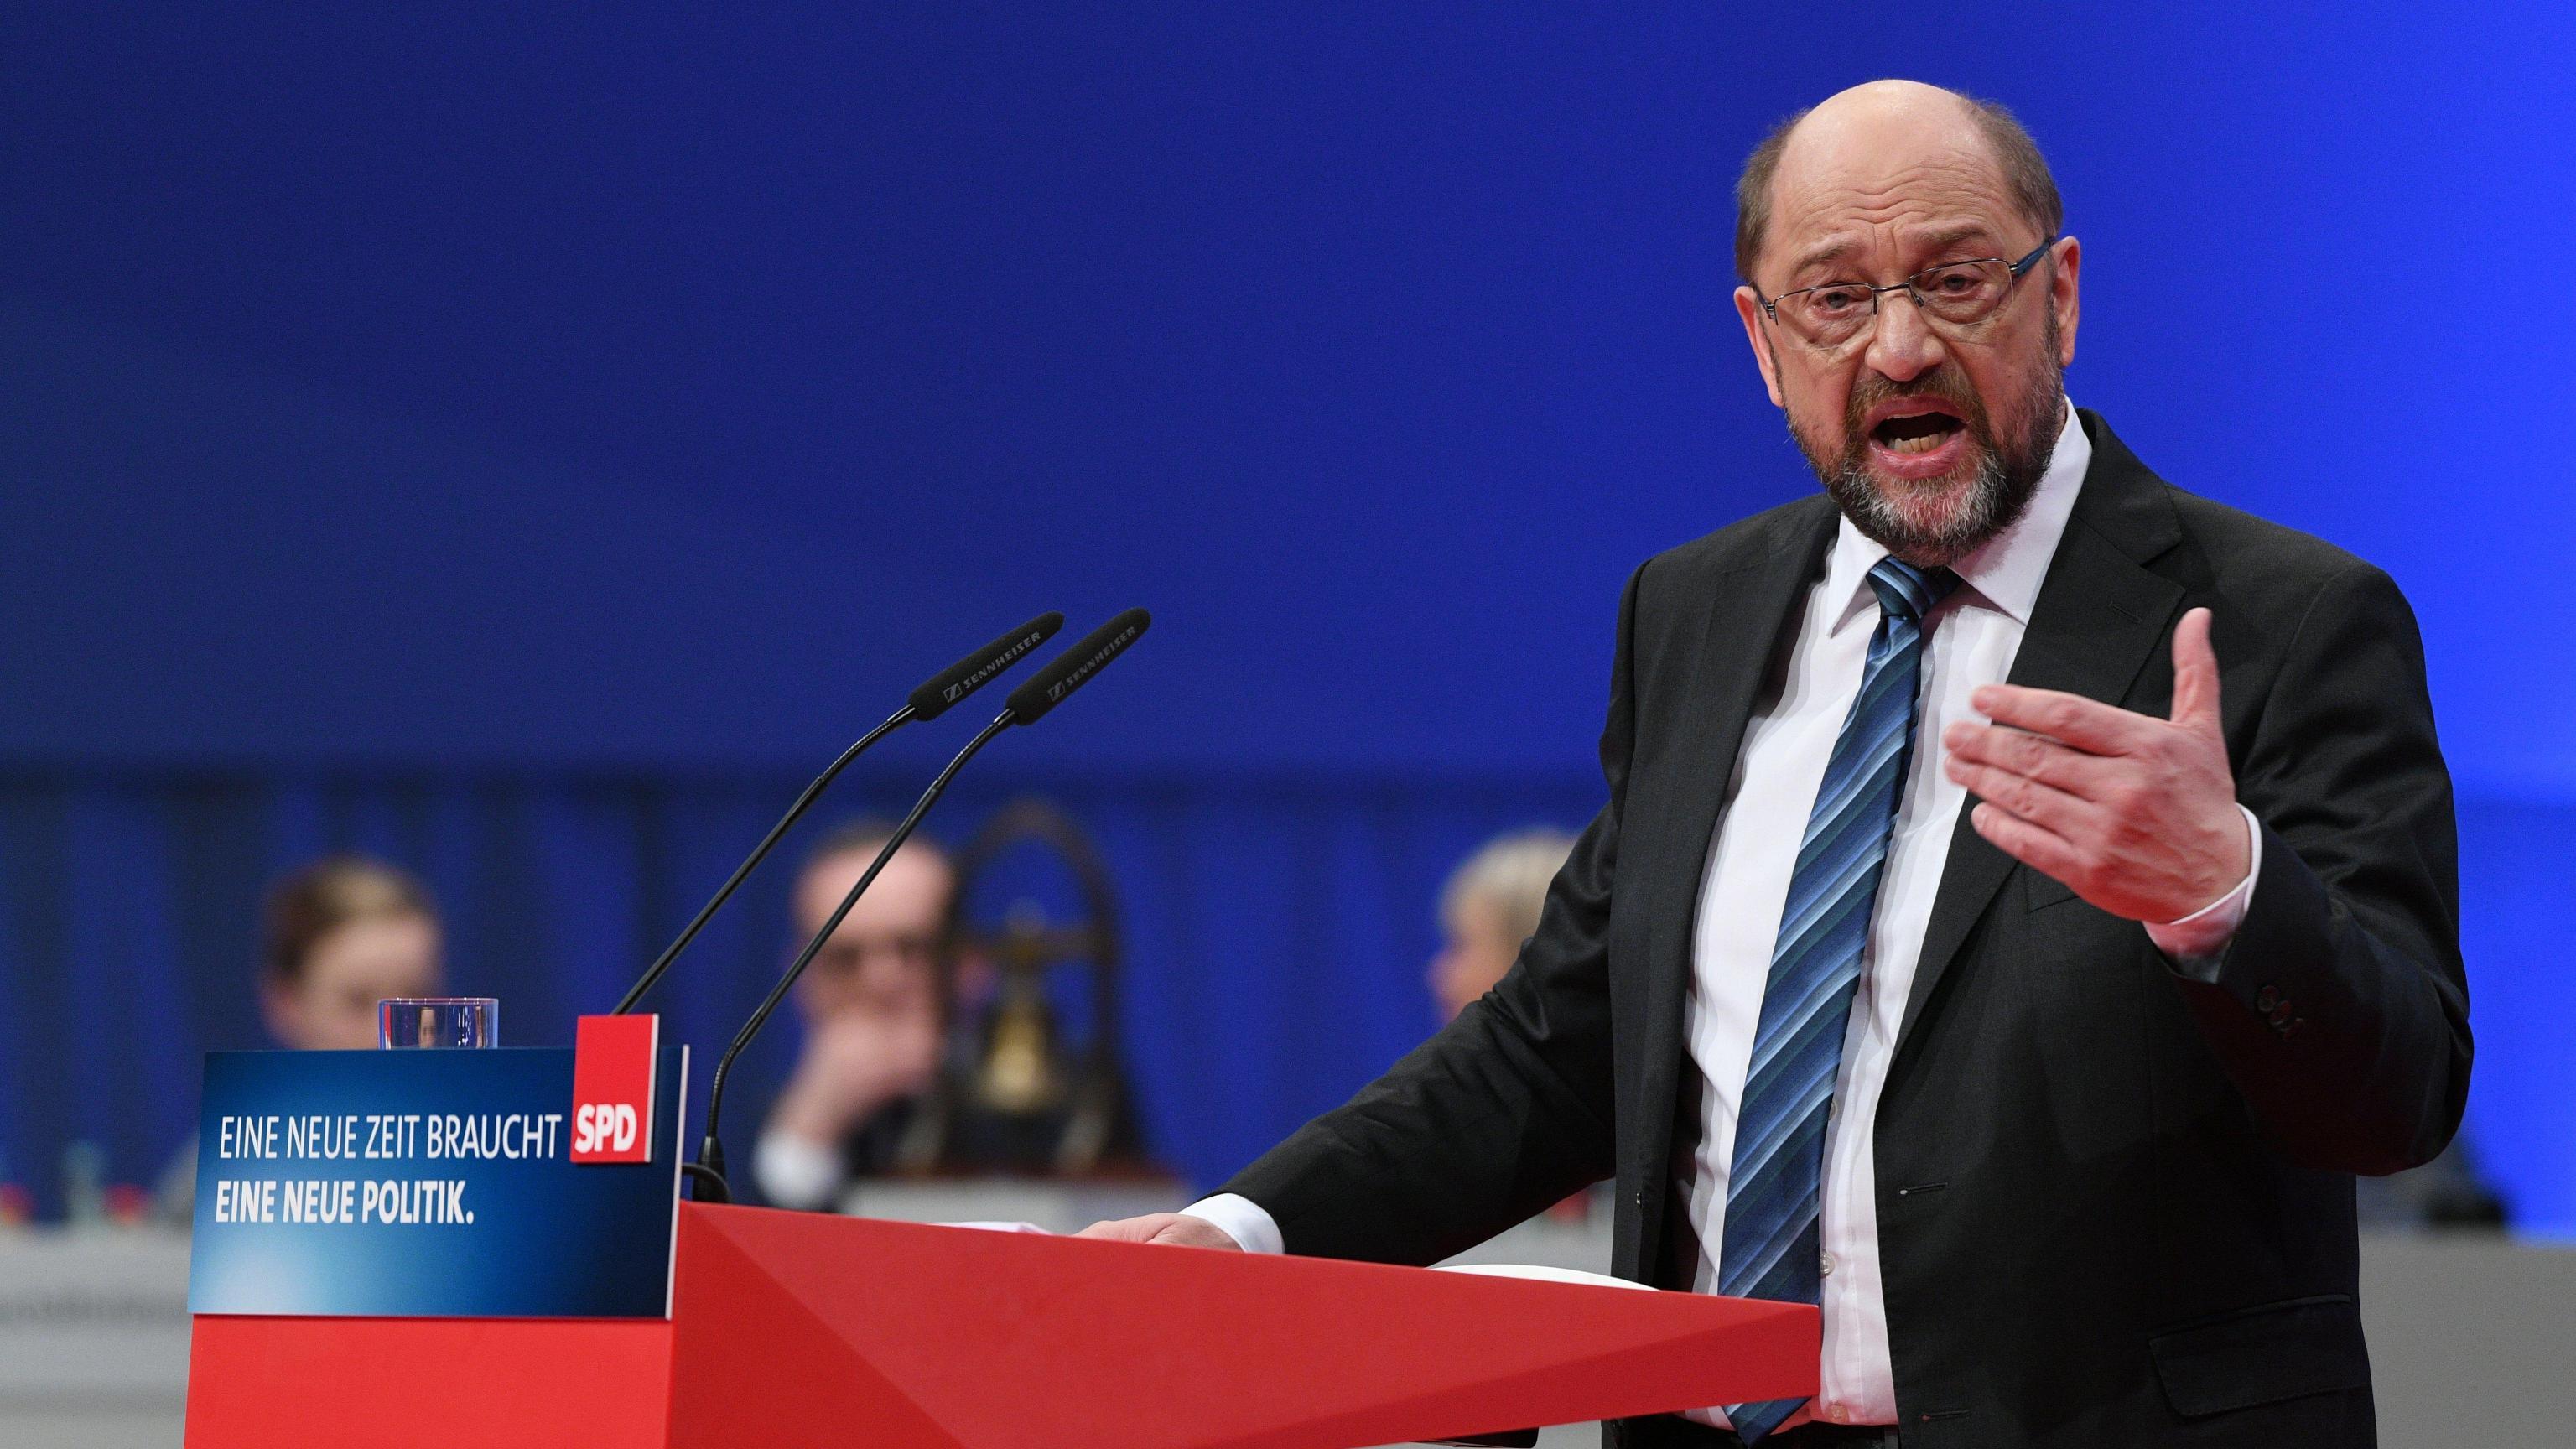 Schulz all'Spd, andiamo al governo